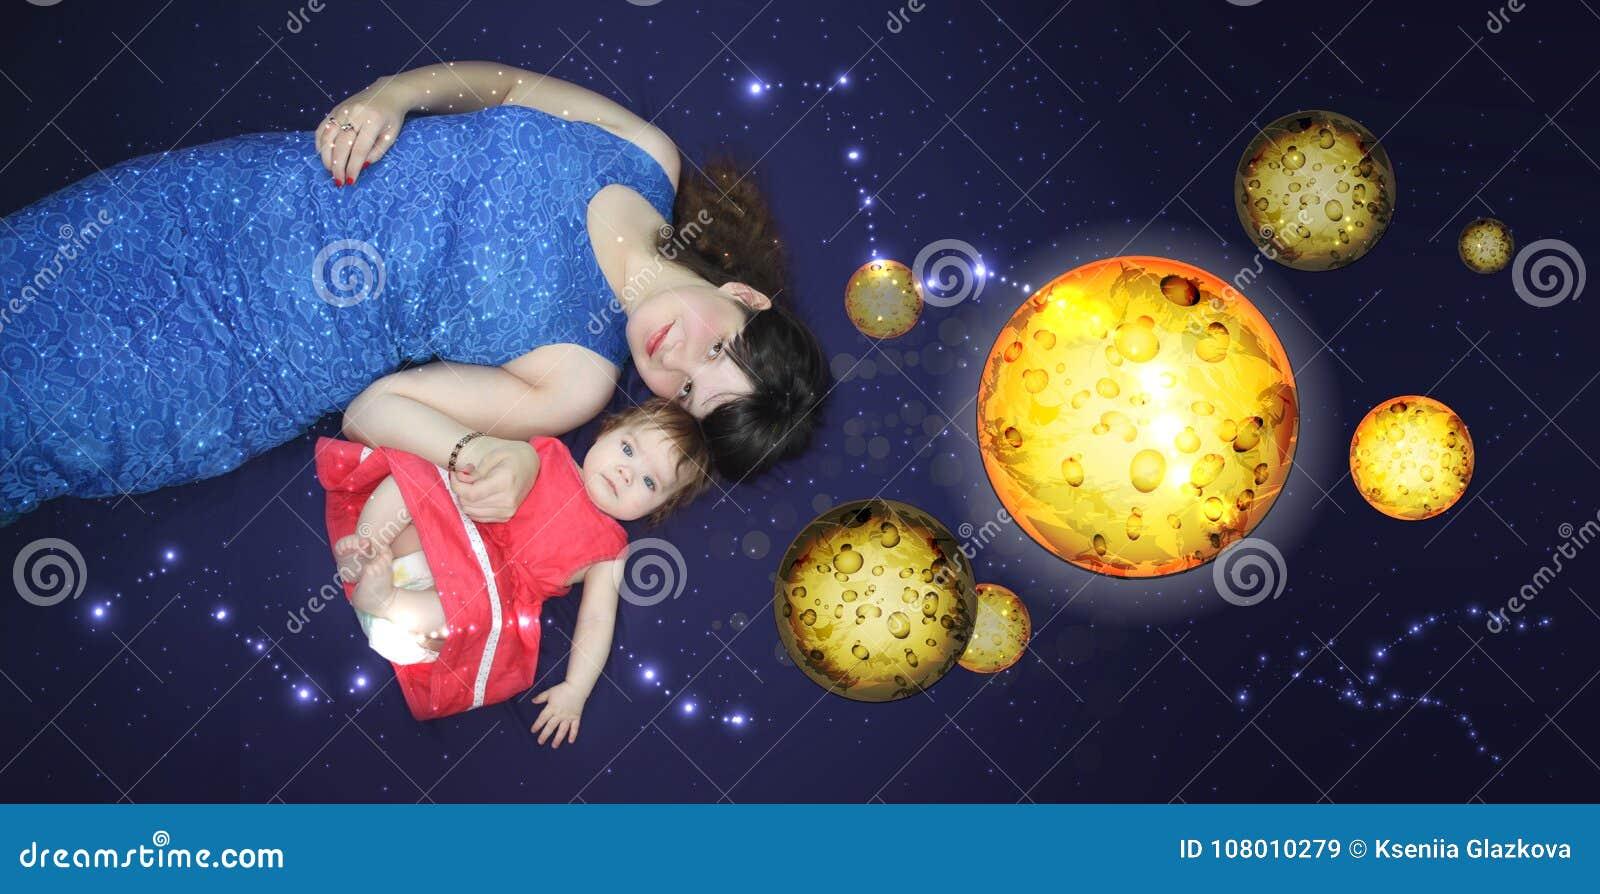 Mamma und Schätzchen Ein liebevolles Lied vorher